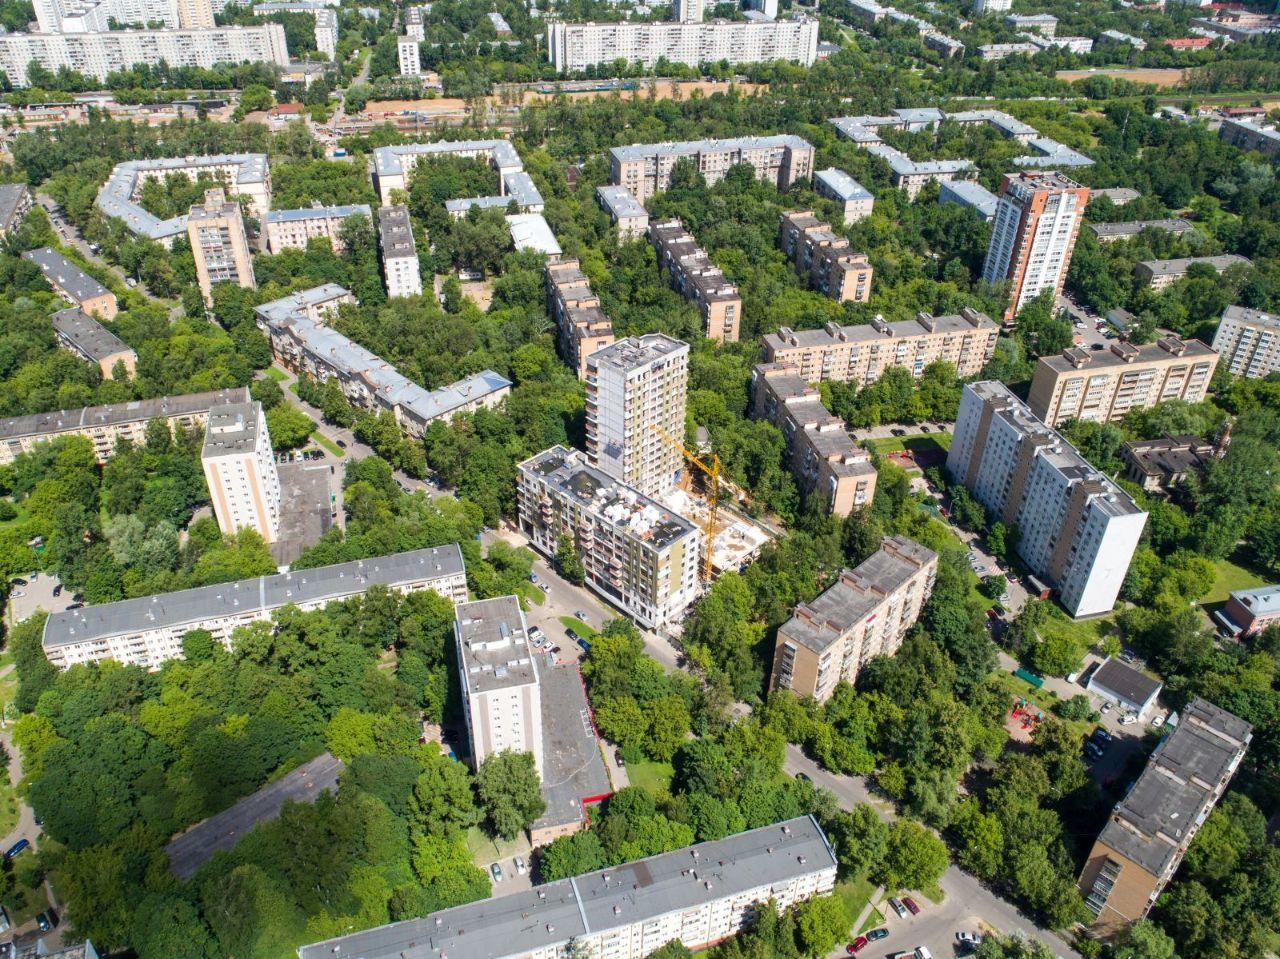 жилой комплекс Level Кутузовский (Левел Кутузовский)